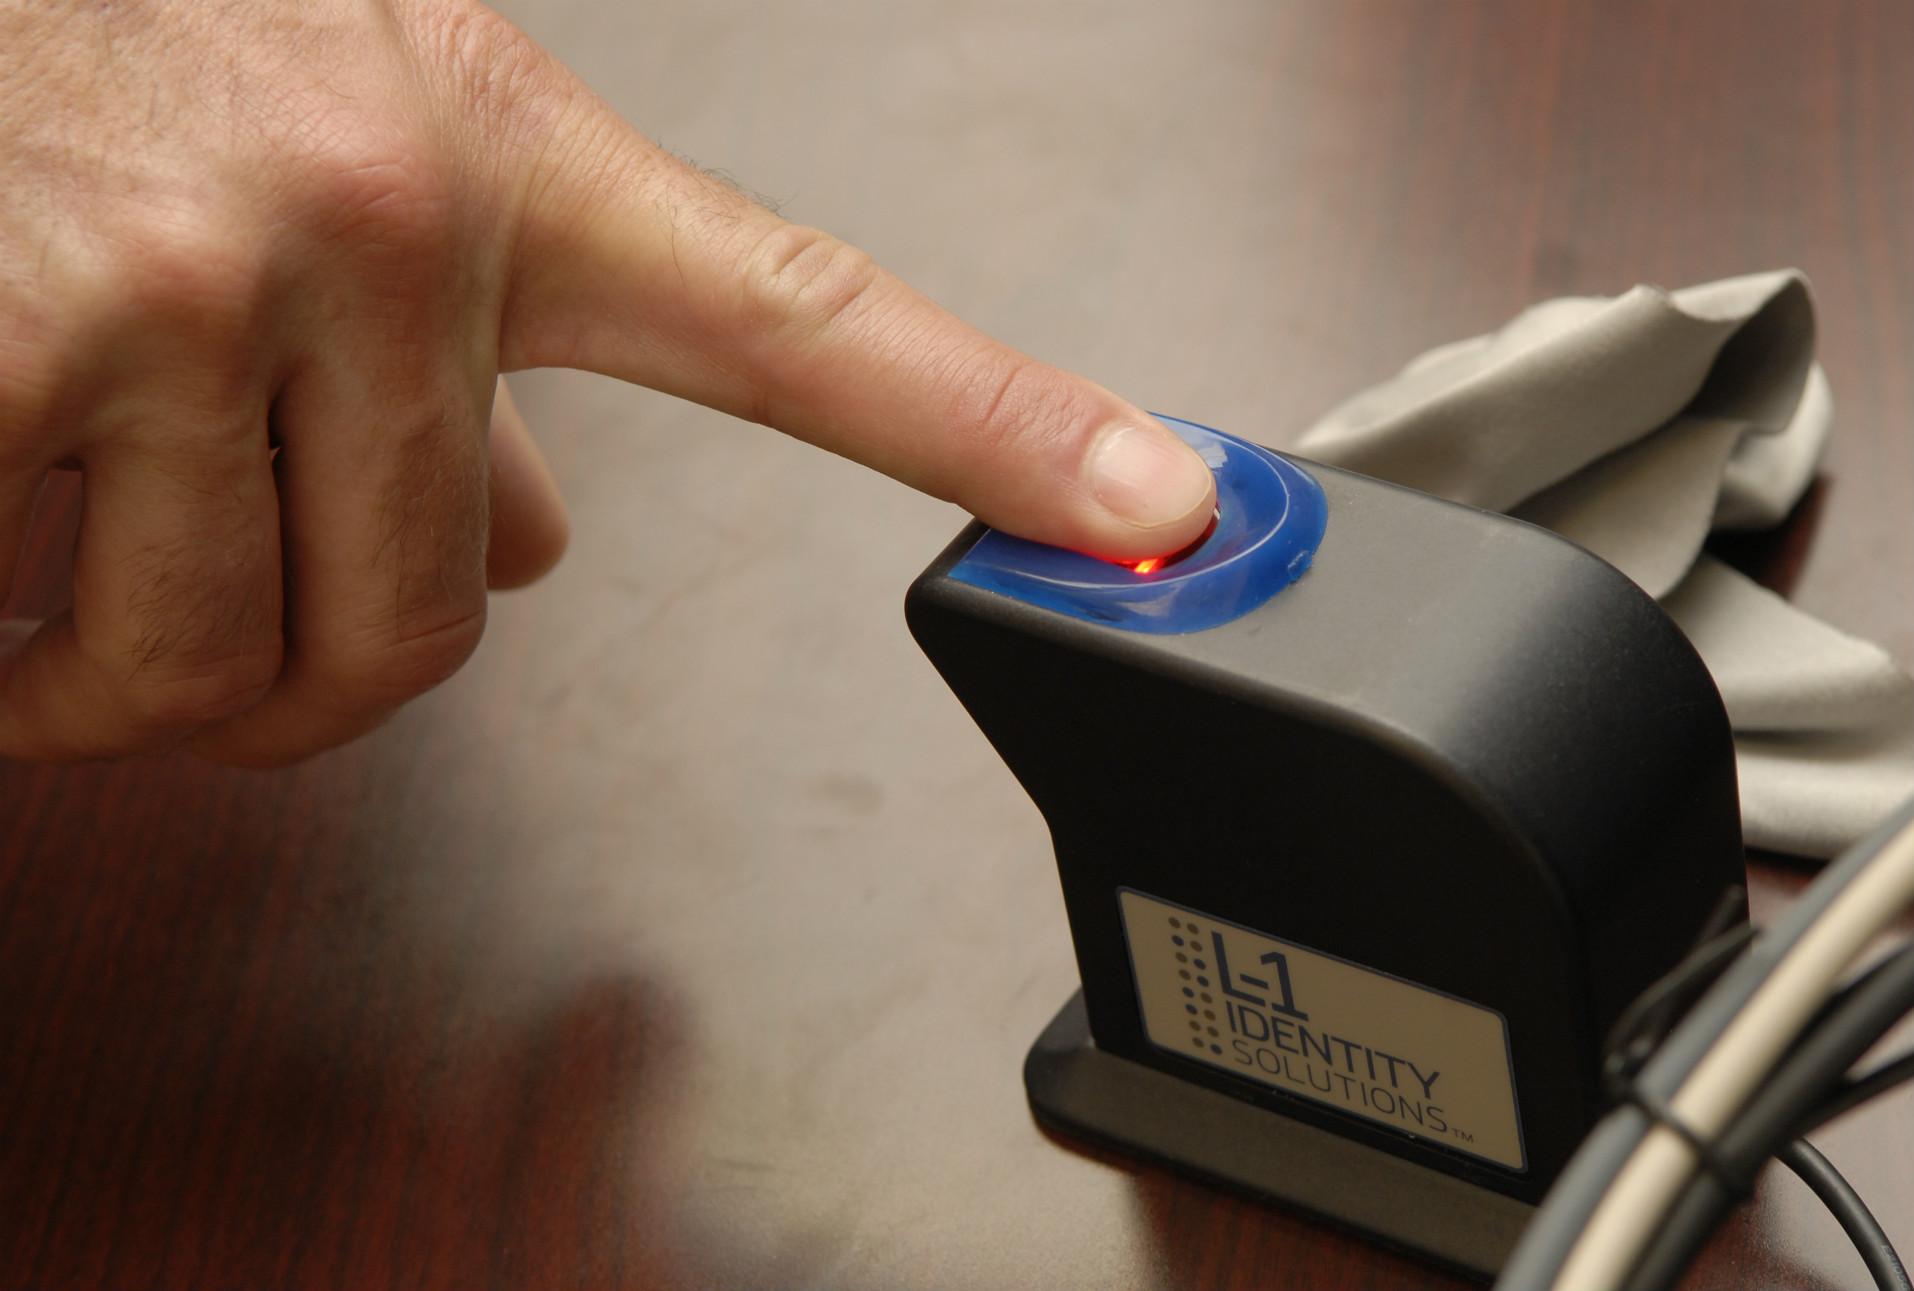 Investigadores logran engañar sistemas de seguridad biométrica con huellas dactilares artificiales